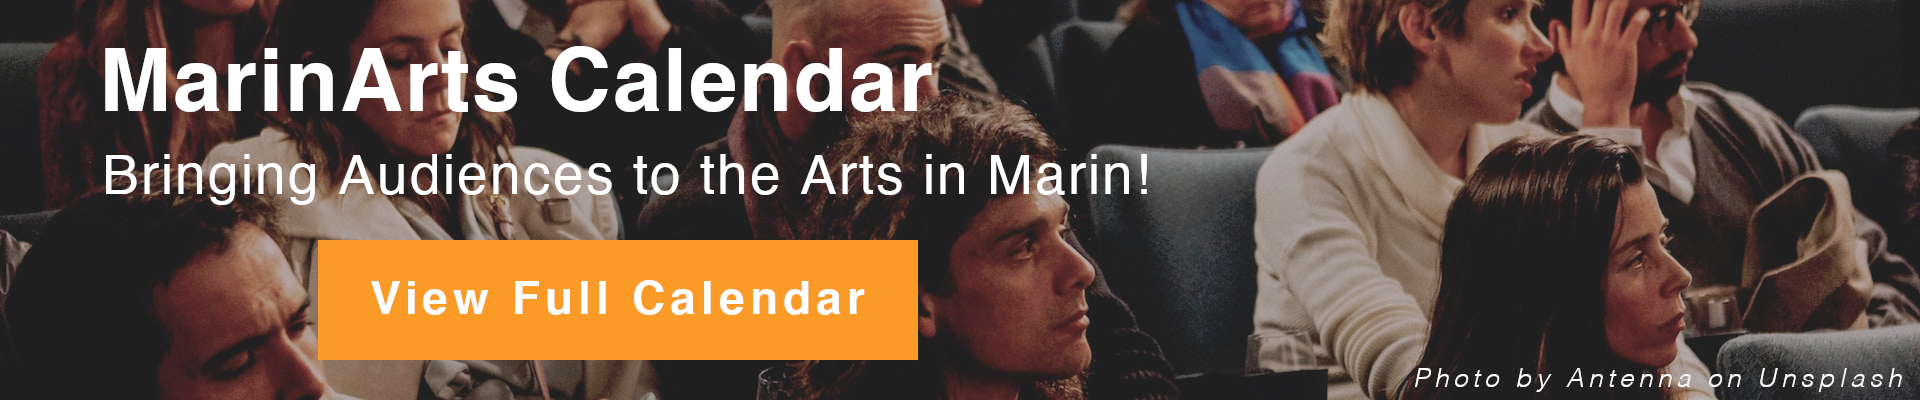 MarinArts Calendar